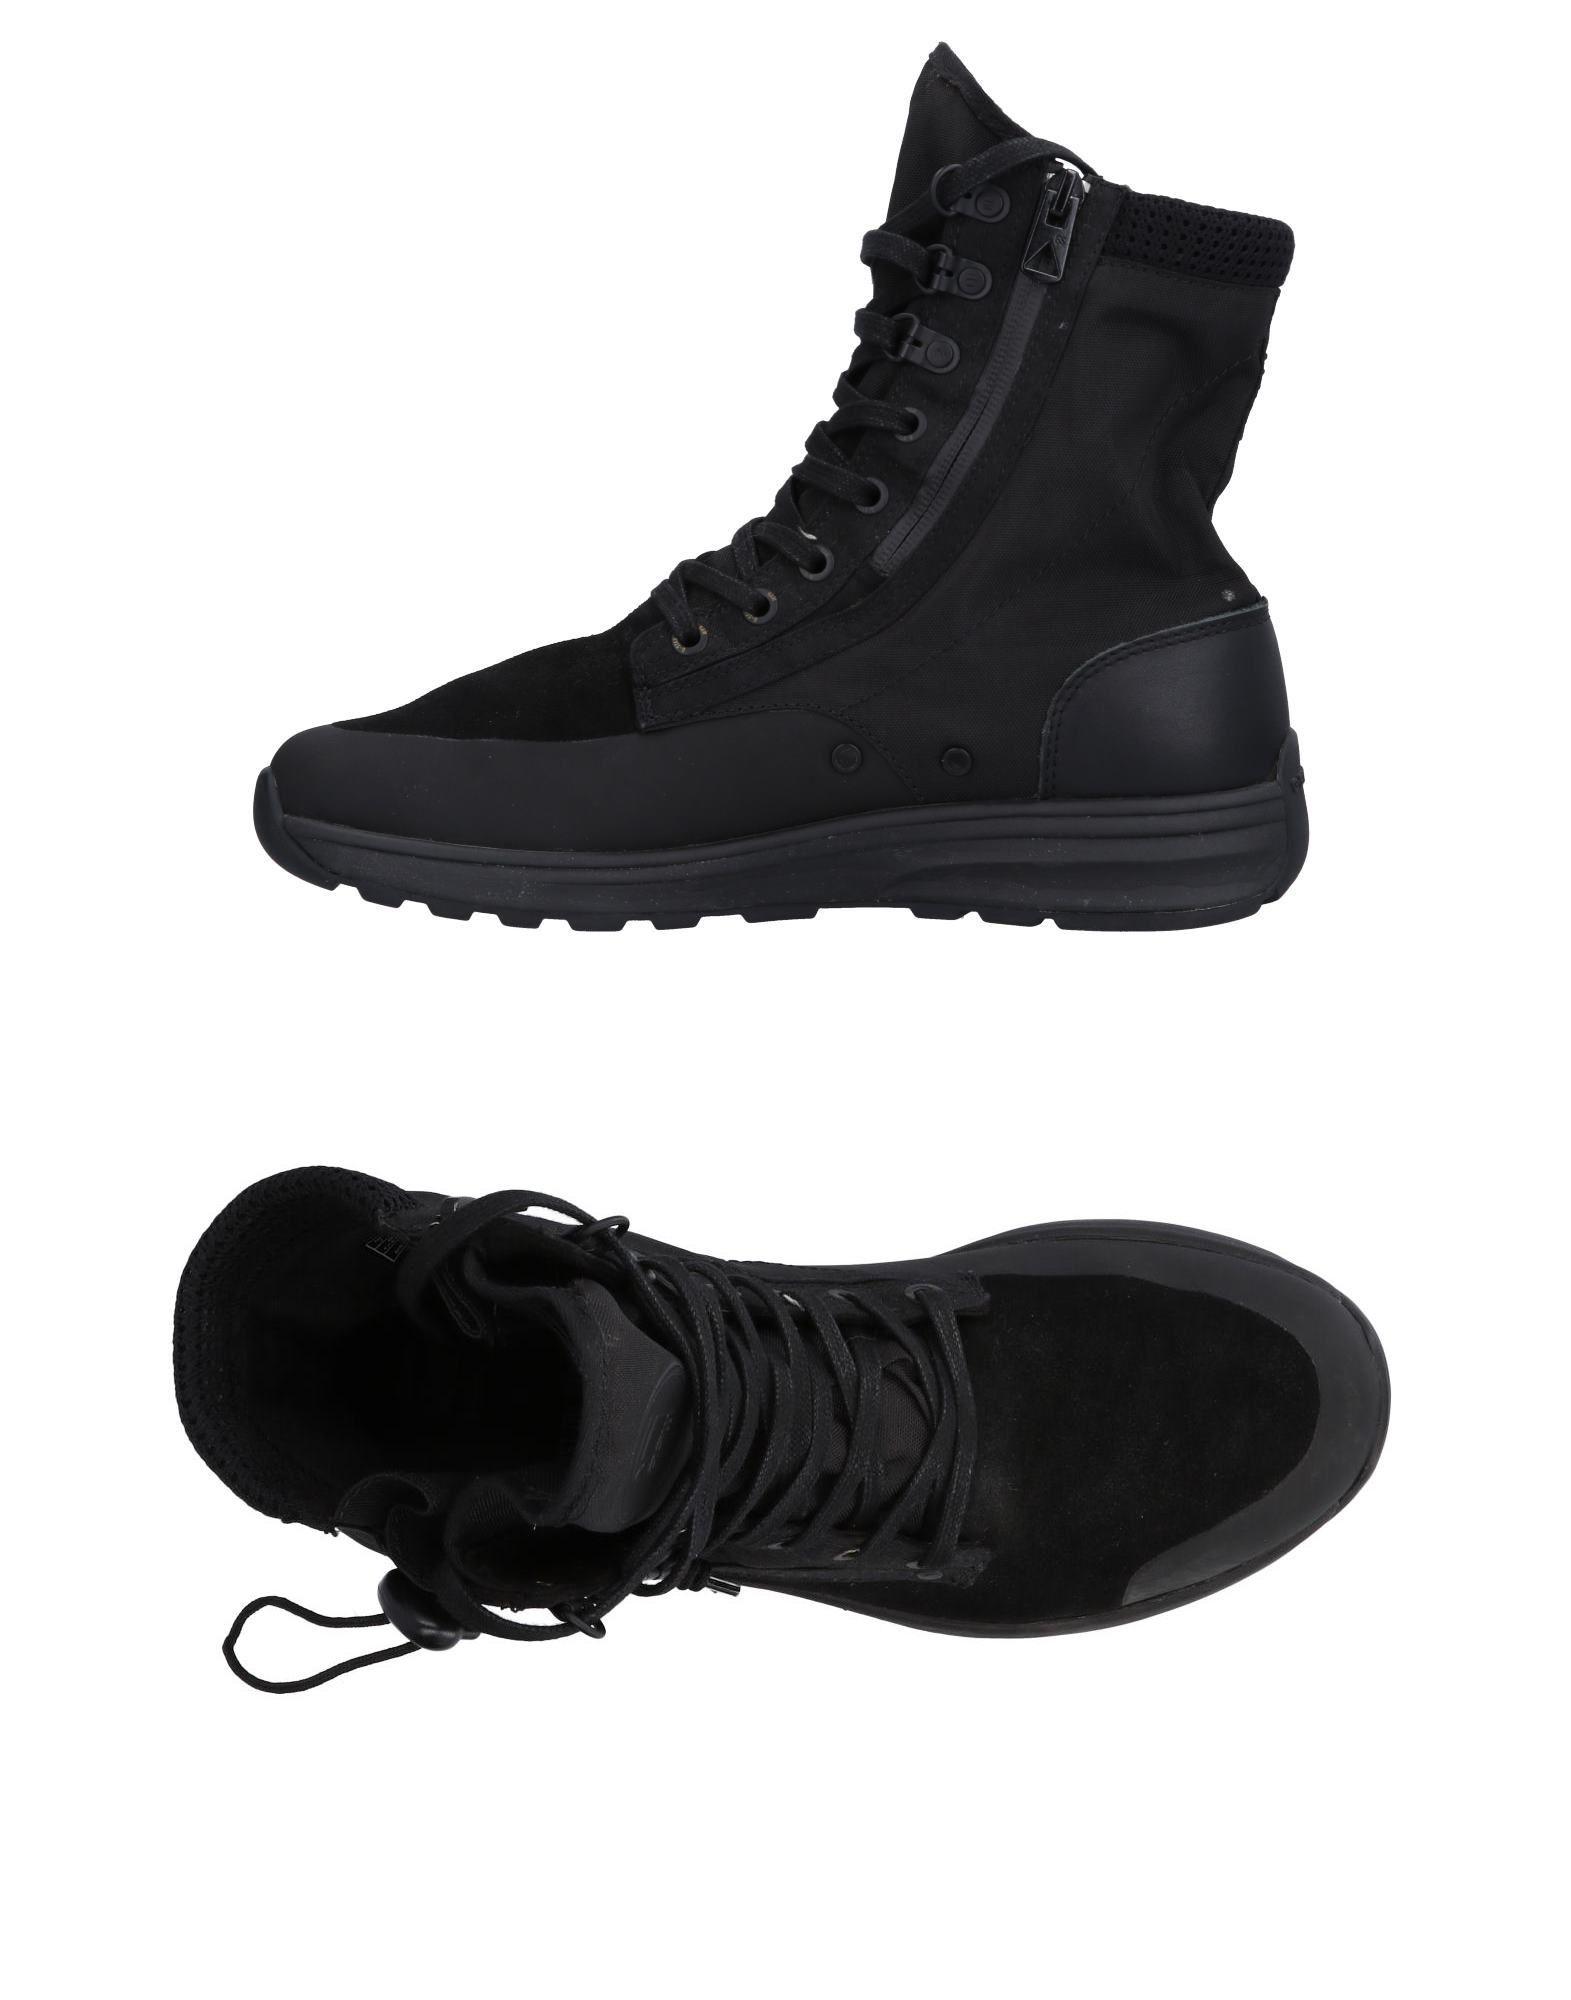 G 11500243DL Gute Qualität beliebte Schuhe